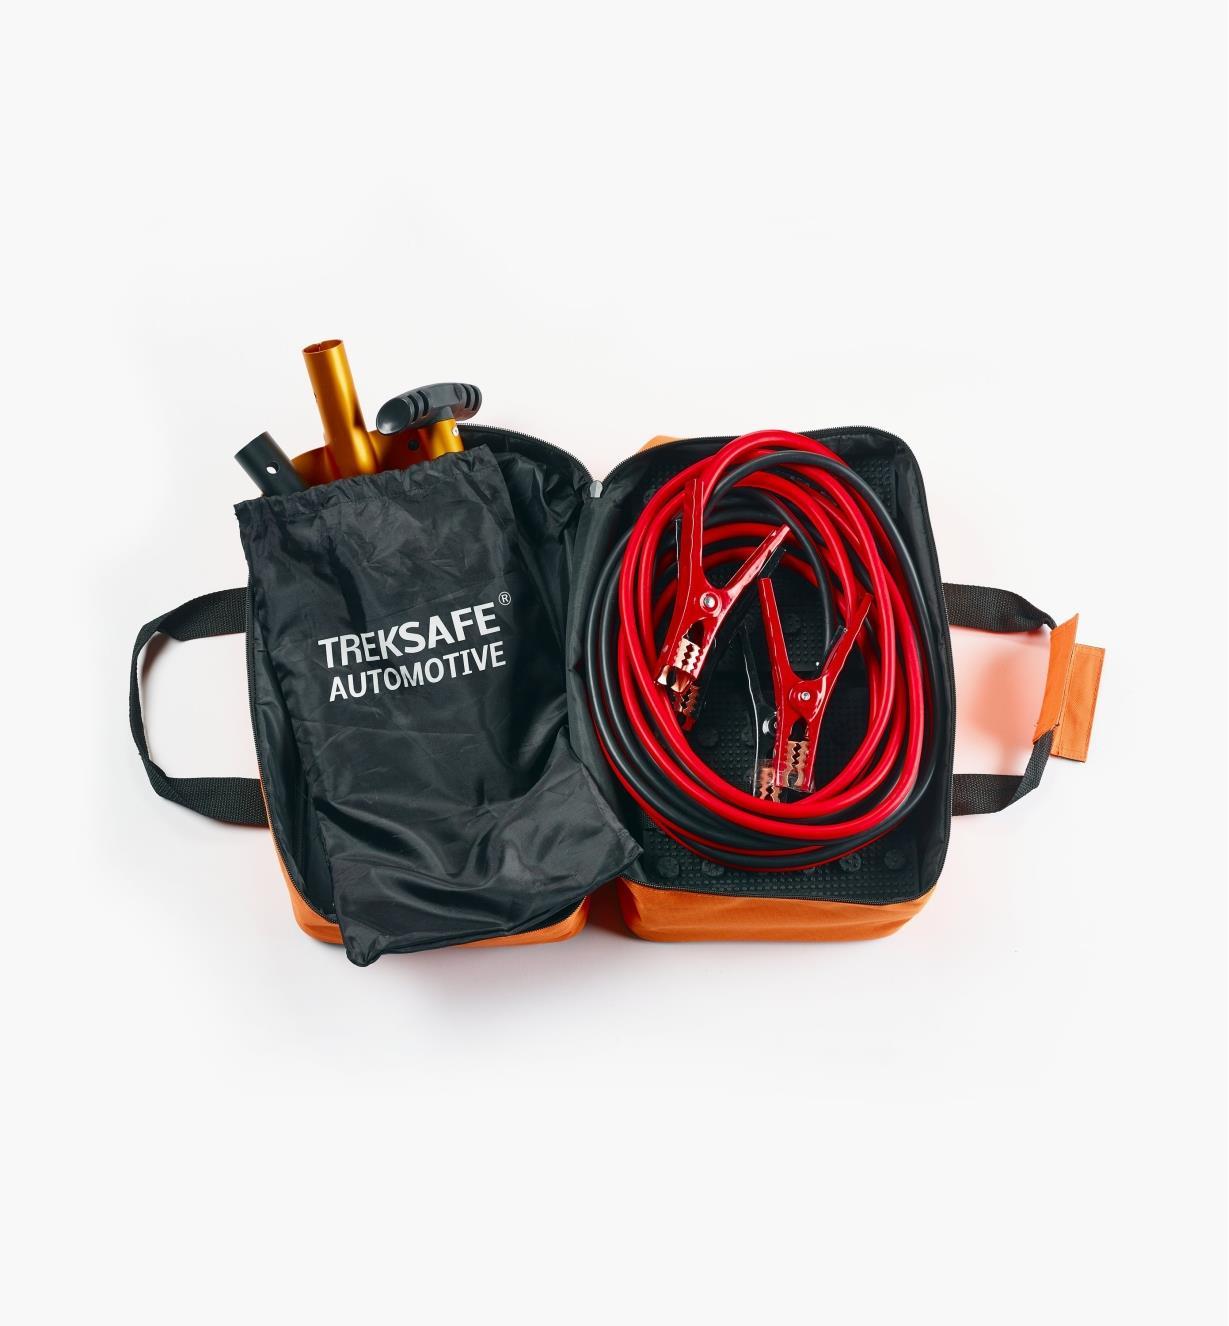 Trousse d'urgence pour véhicule ouverte comprenant une pelle démontable, des câbles de démarrage et des plaques d'adhérence